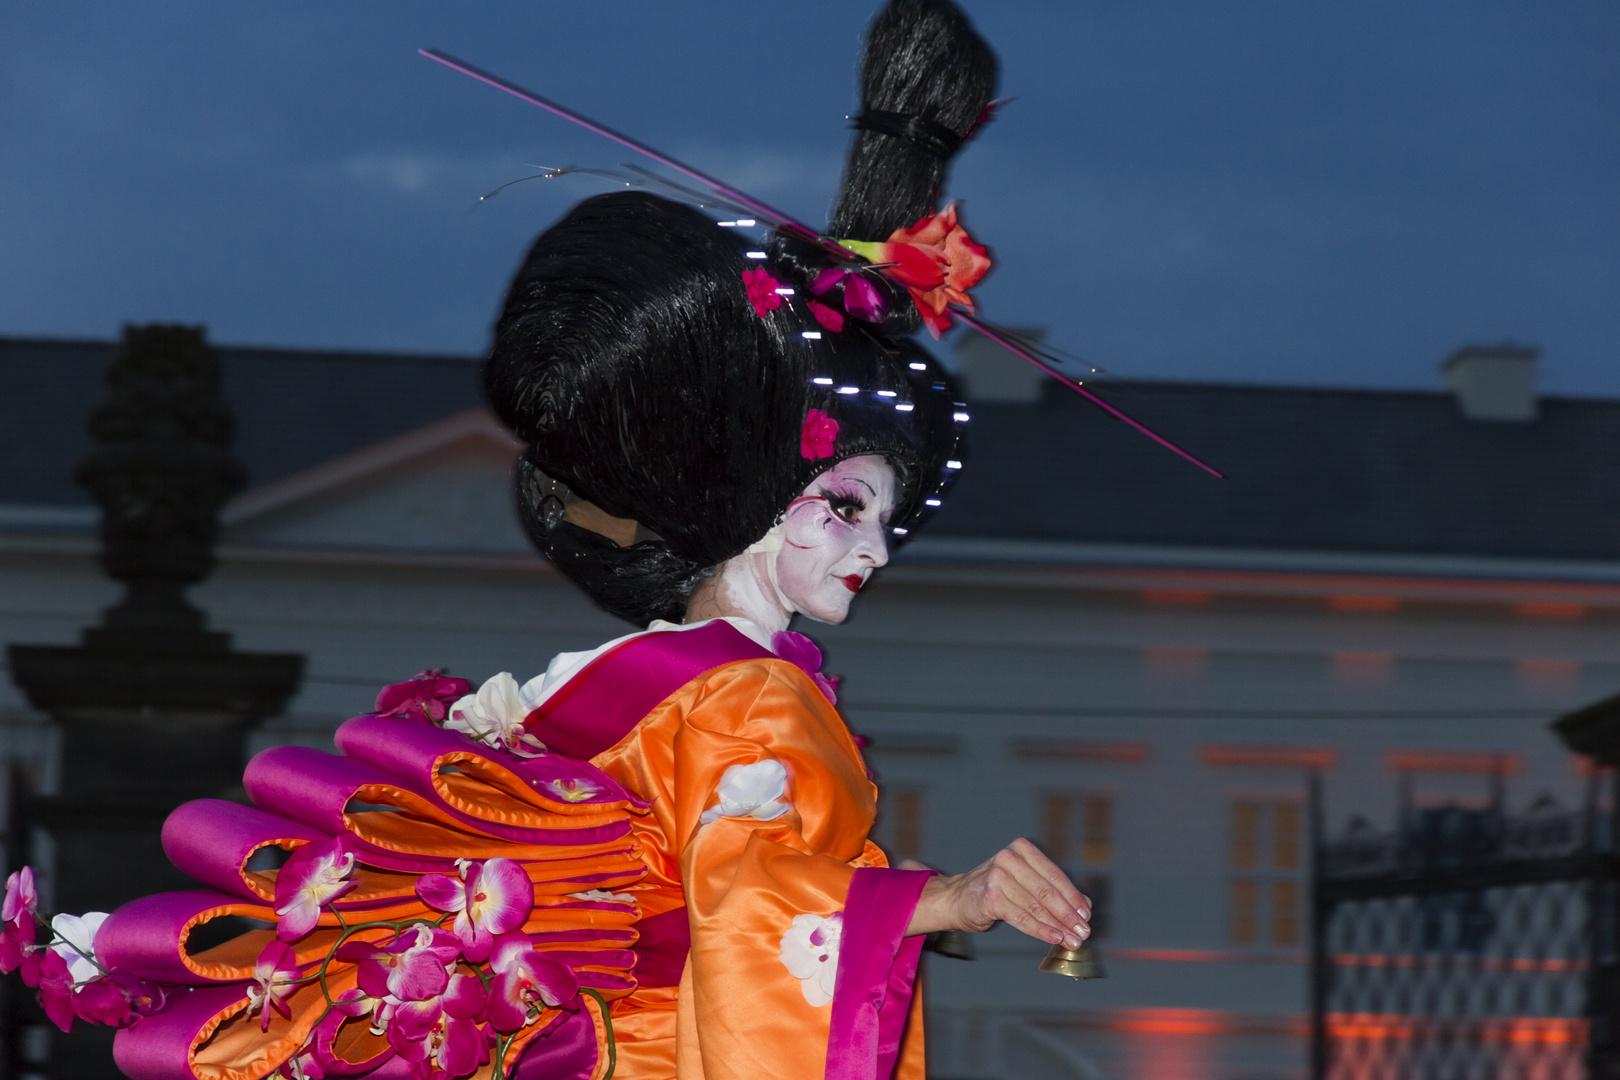 Stelzenfigur Geisha